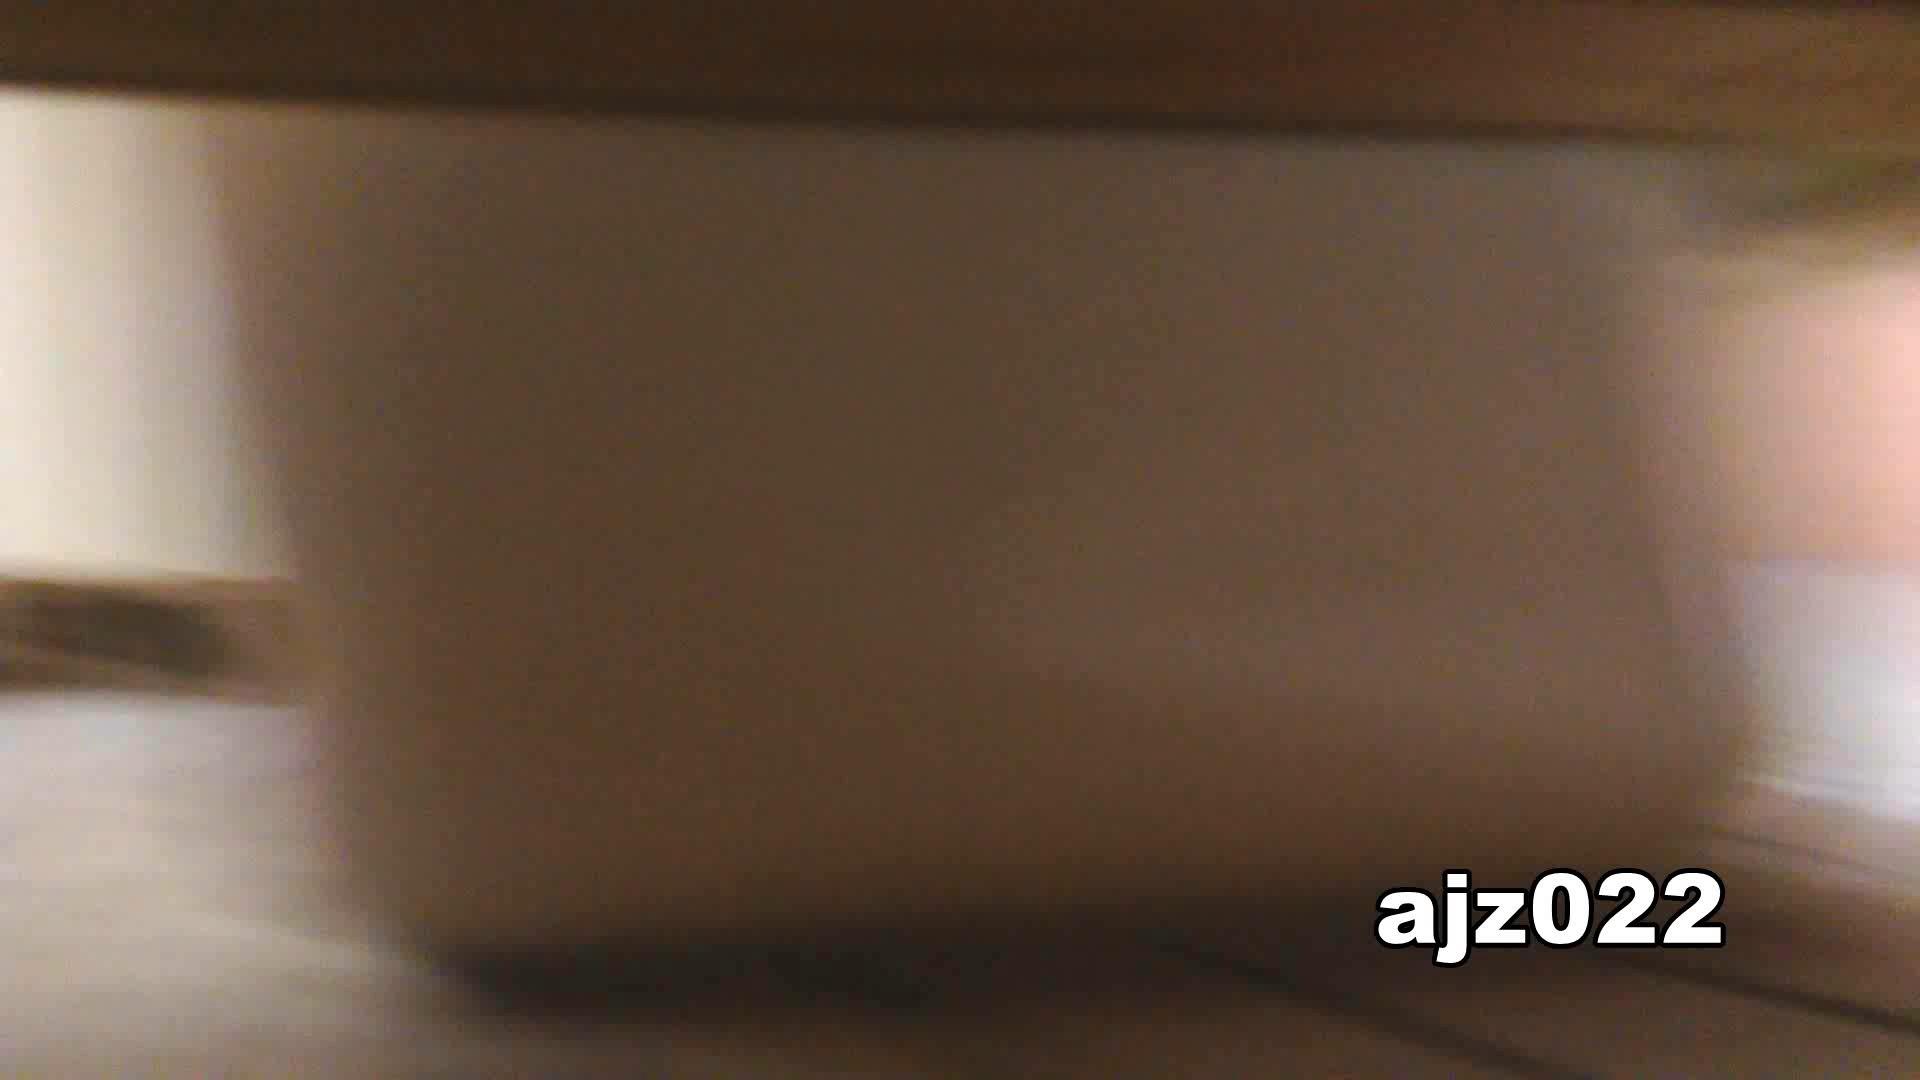 某有名大学女性洗面所 vol.22 いやらしいOL オメコ無修正動画無料 94連発 82